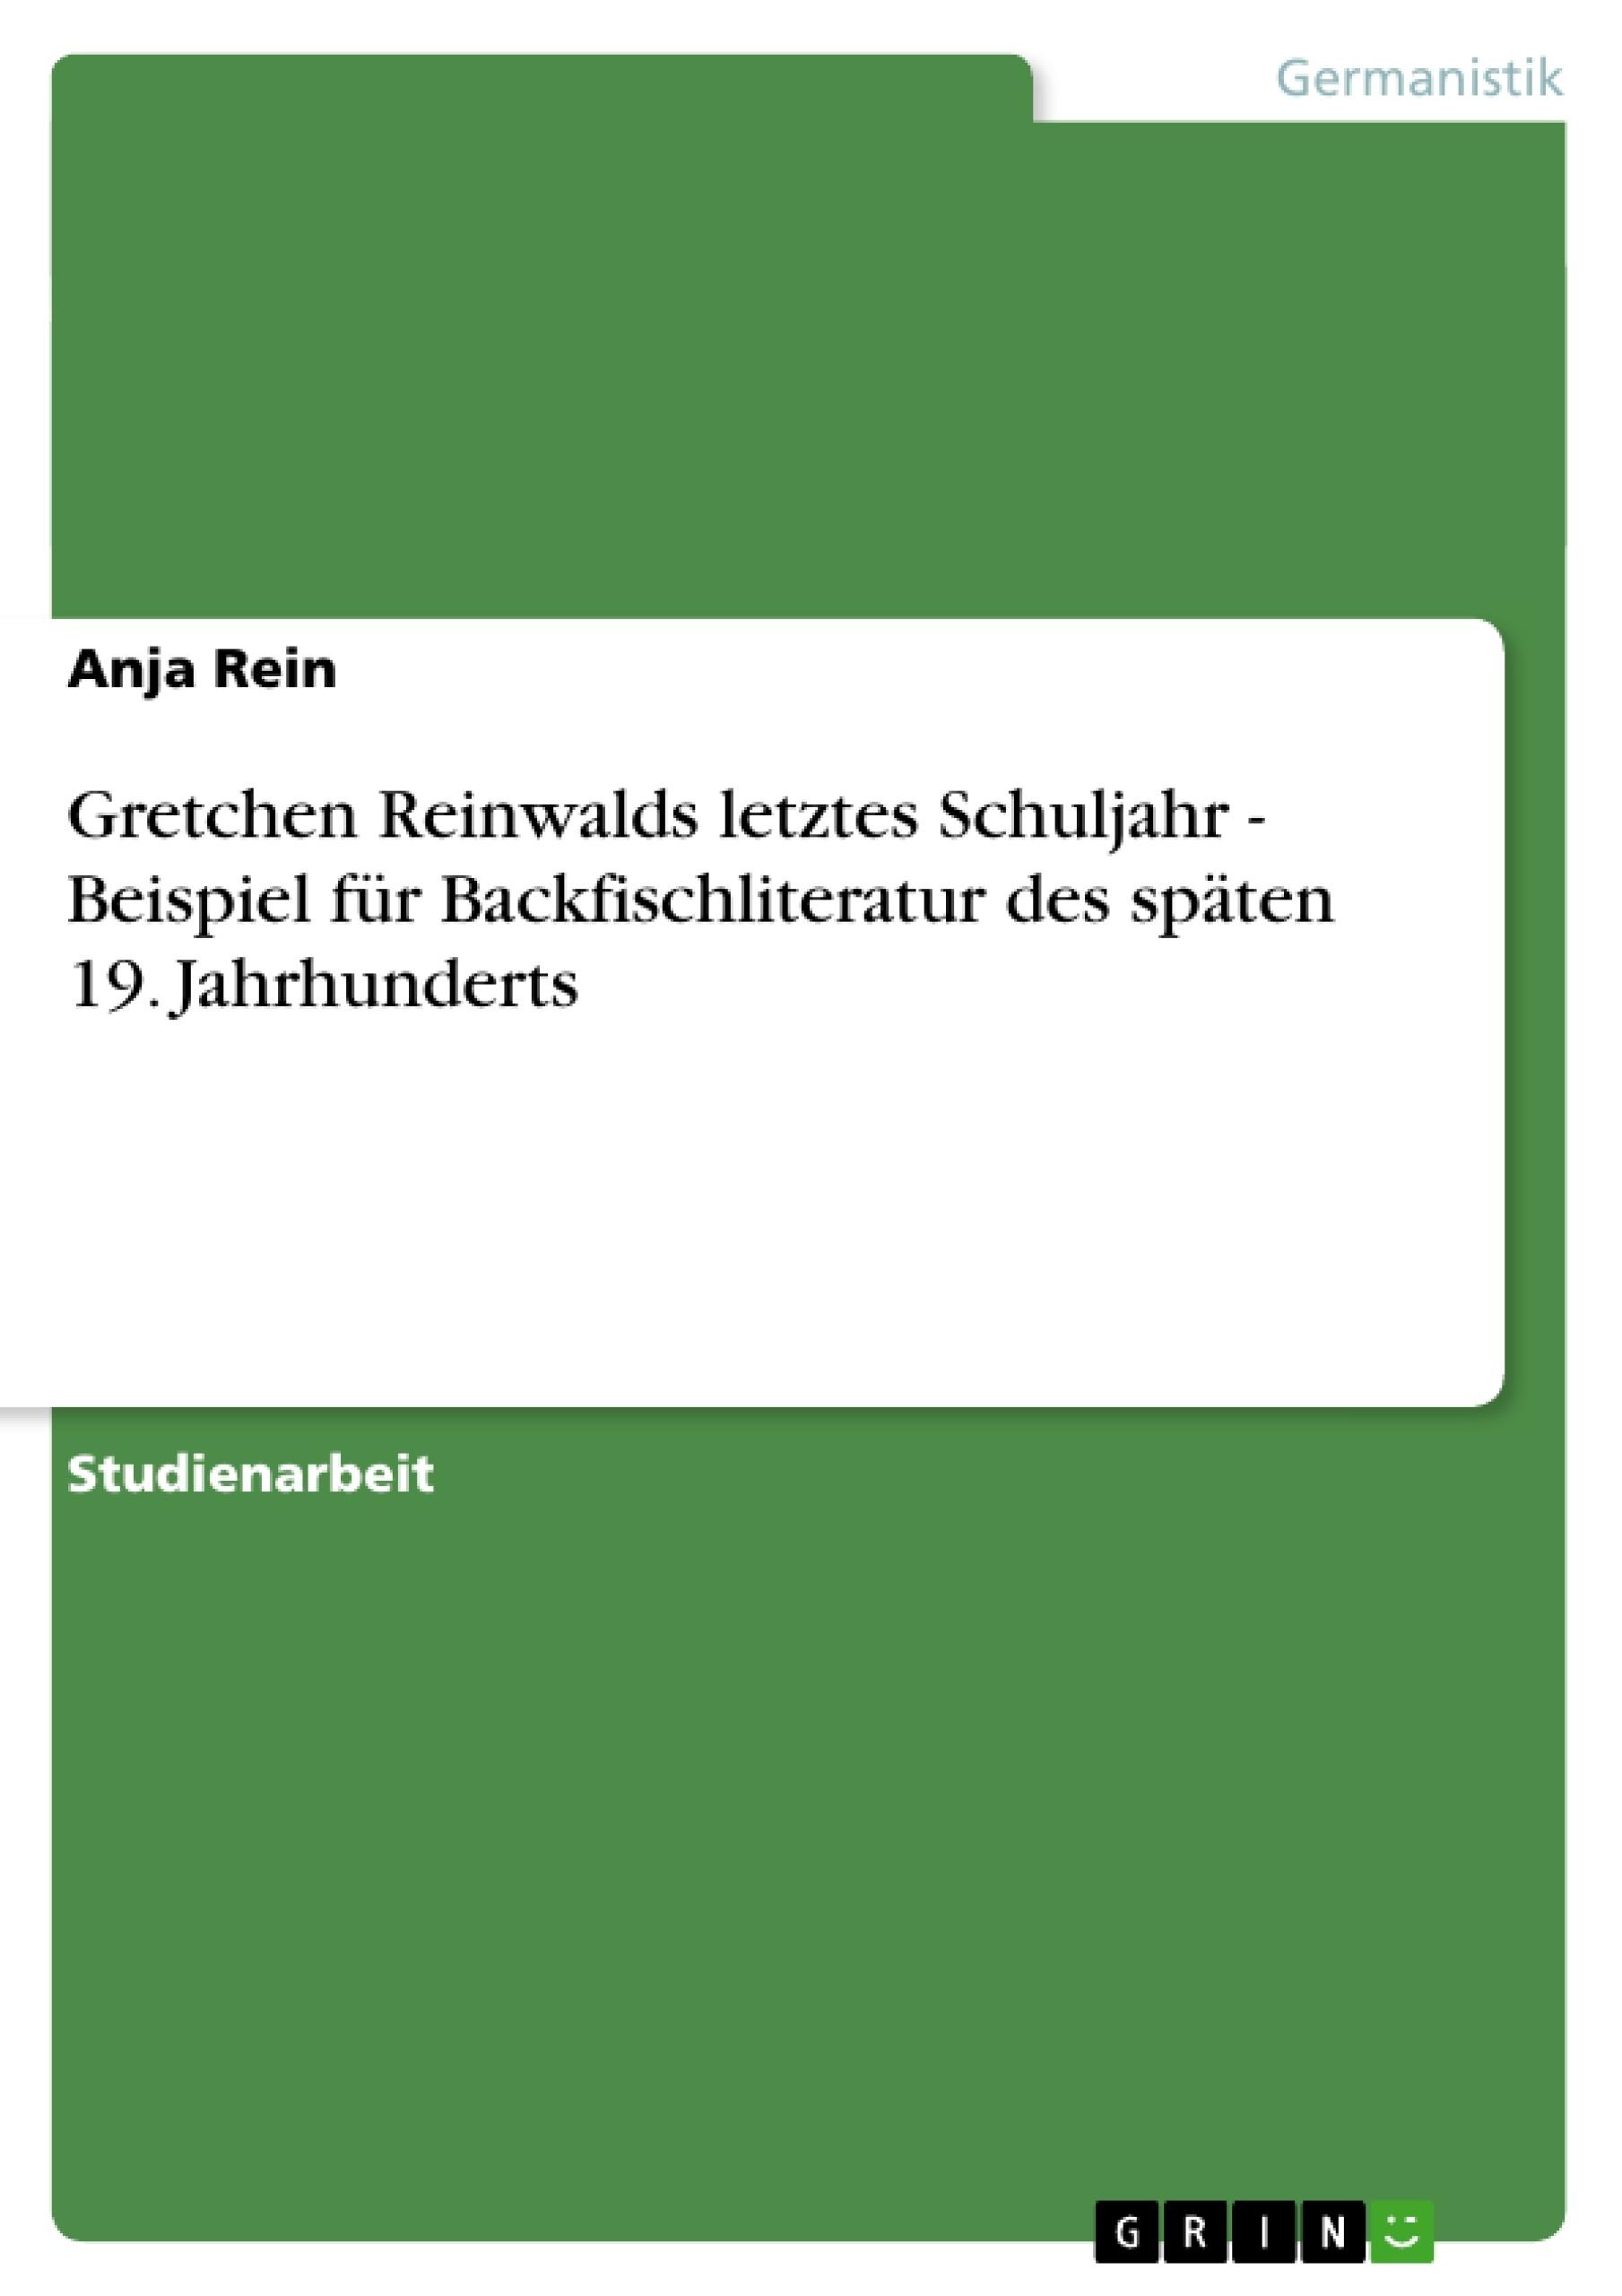 Titel: Gretchen Reinwalds letztes Schuljahr - Beispiel für Backfischliteratur des späten 19. Jahrhunderts